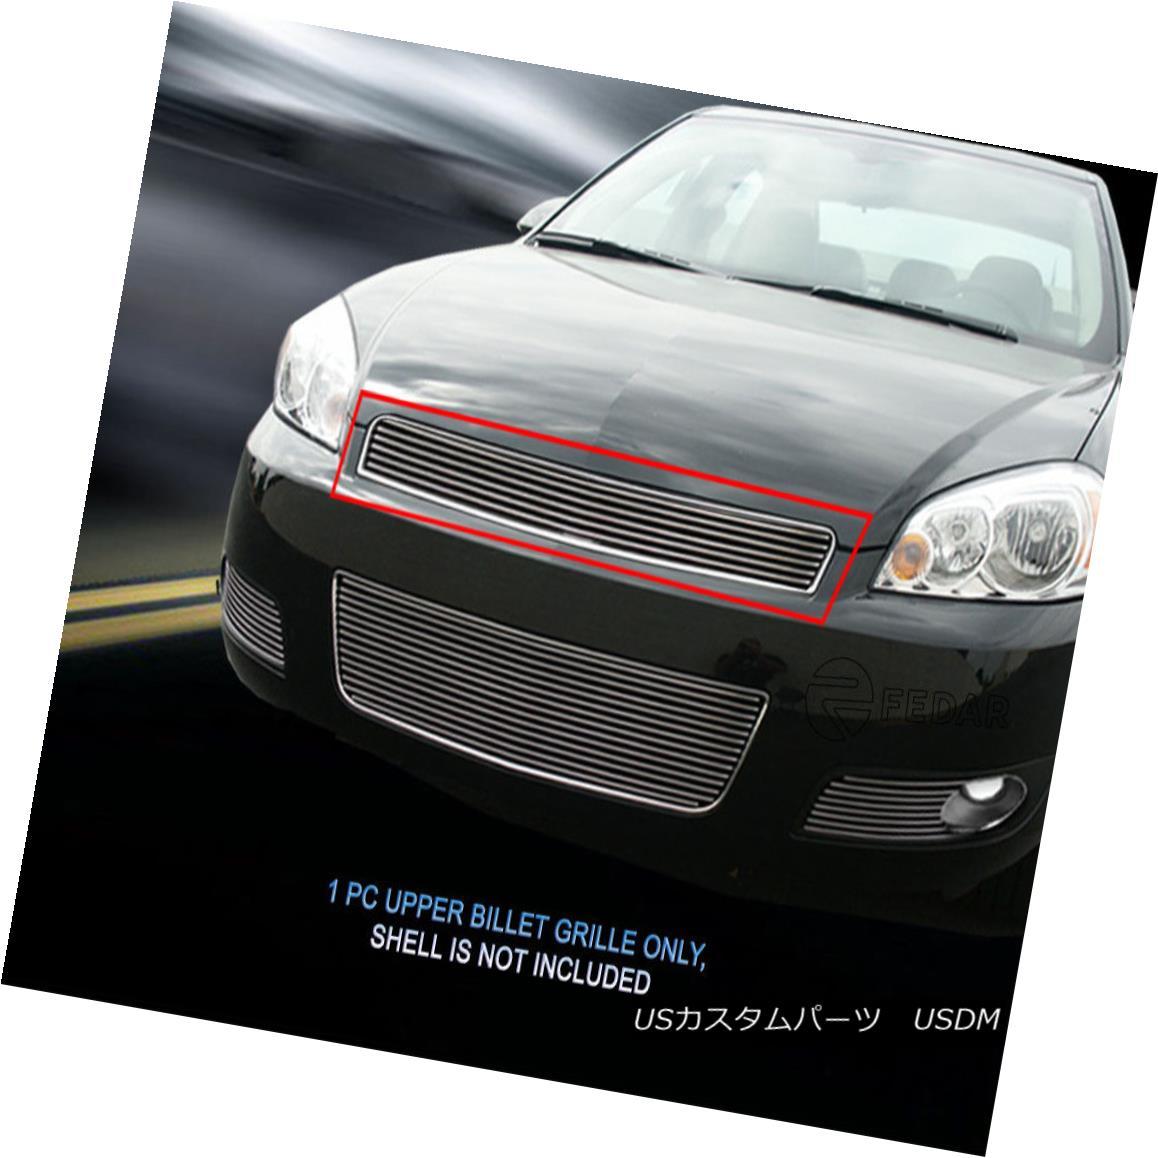 グリル 06-13 Chevy Impala/Monte Carlo Billet Upper Grille Grill Insert Fedar 06-13シボレーインパラ/モンテカルロビレットアッパーグリルグリルインサートフェルダ